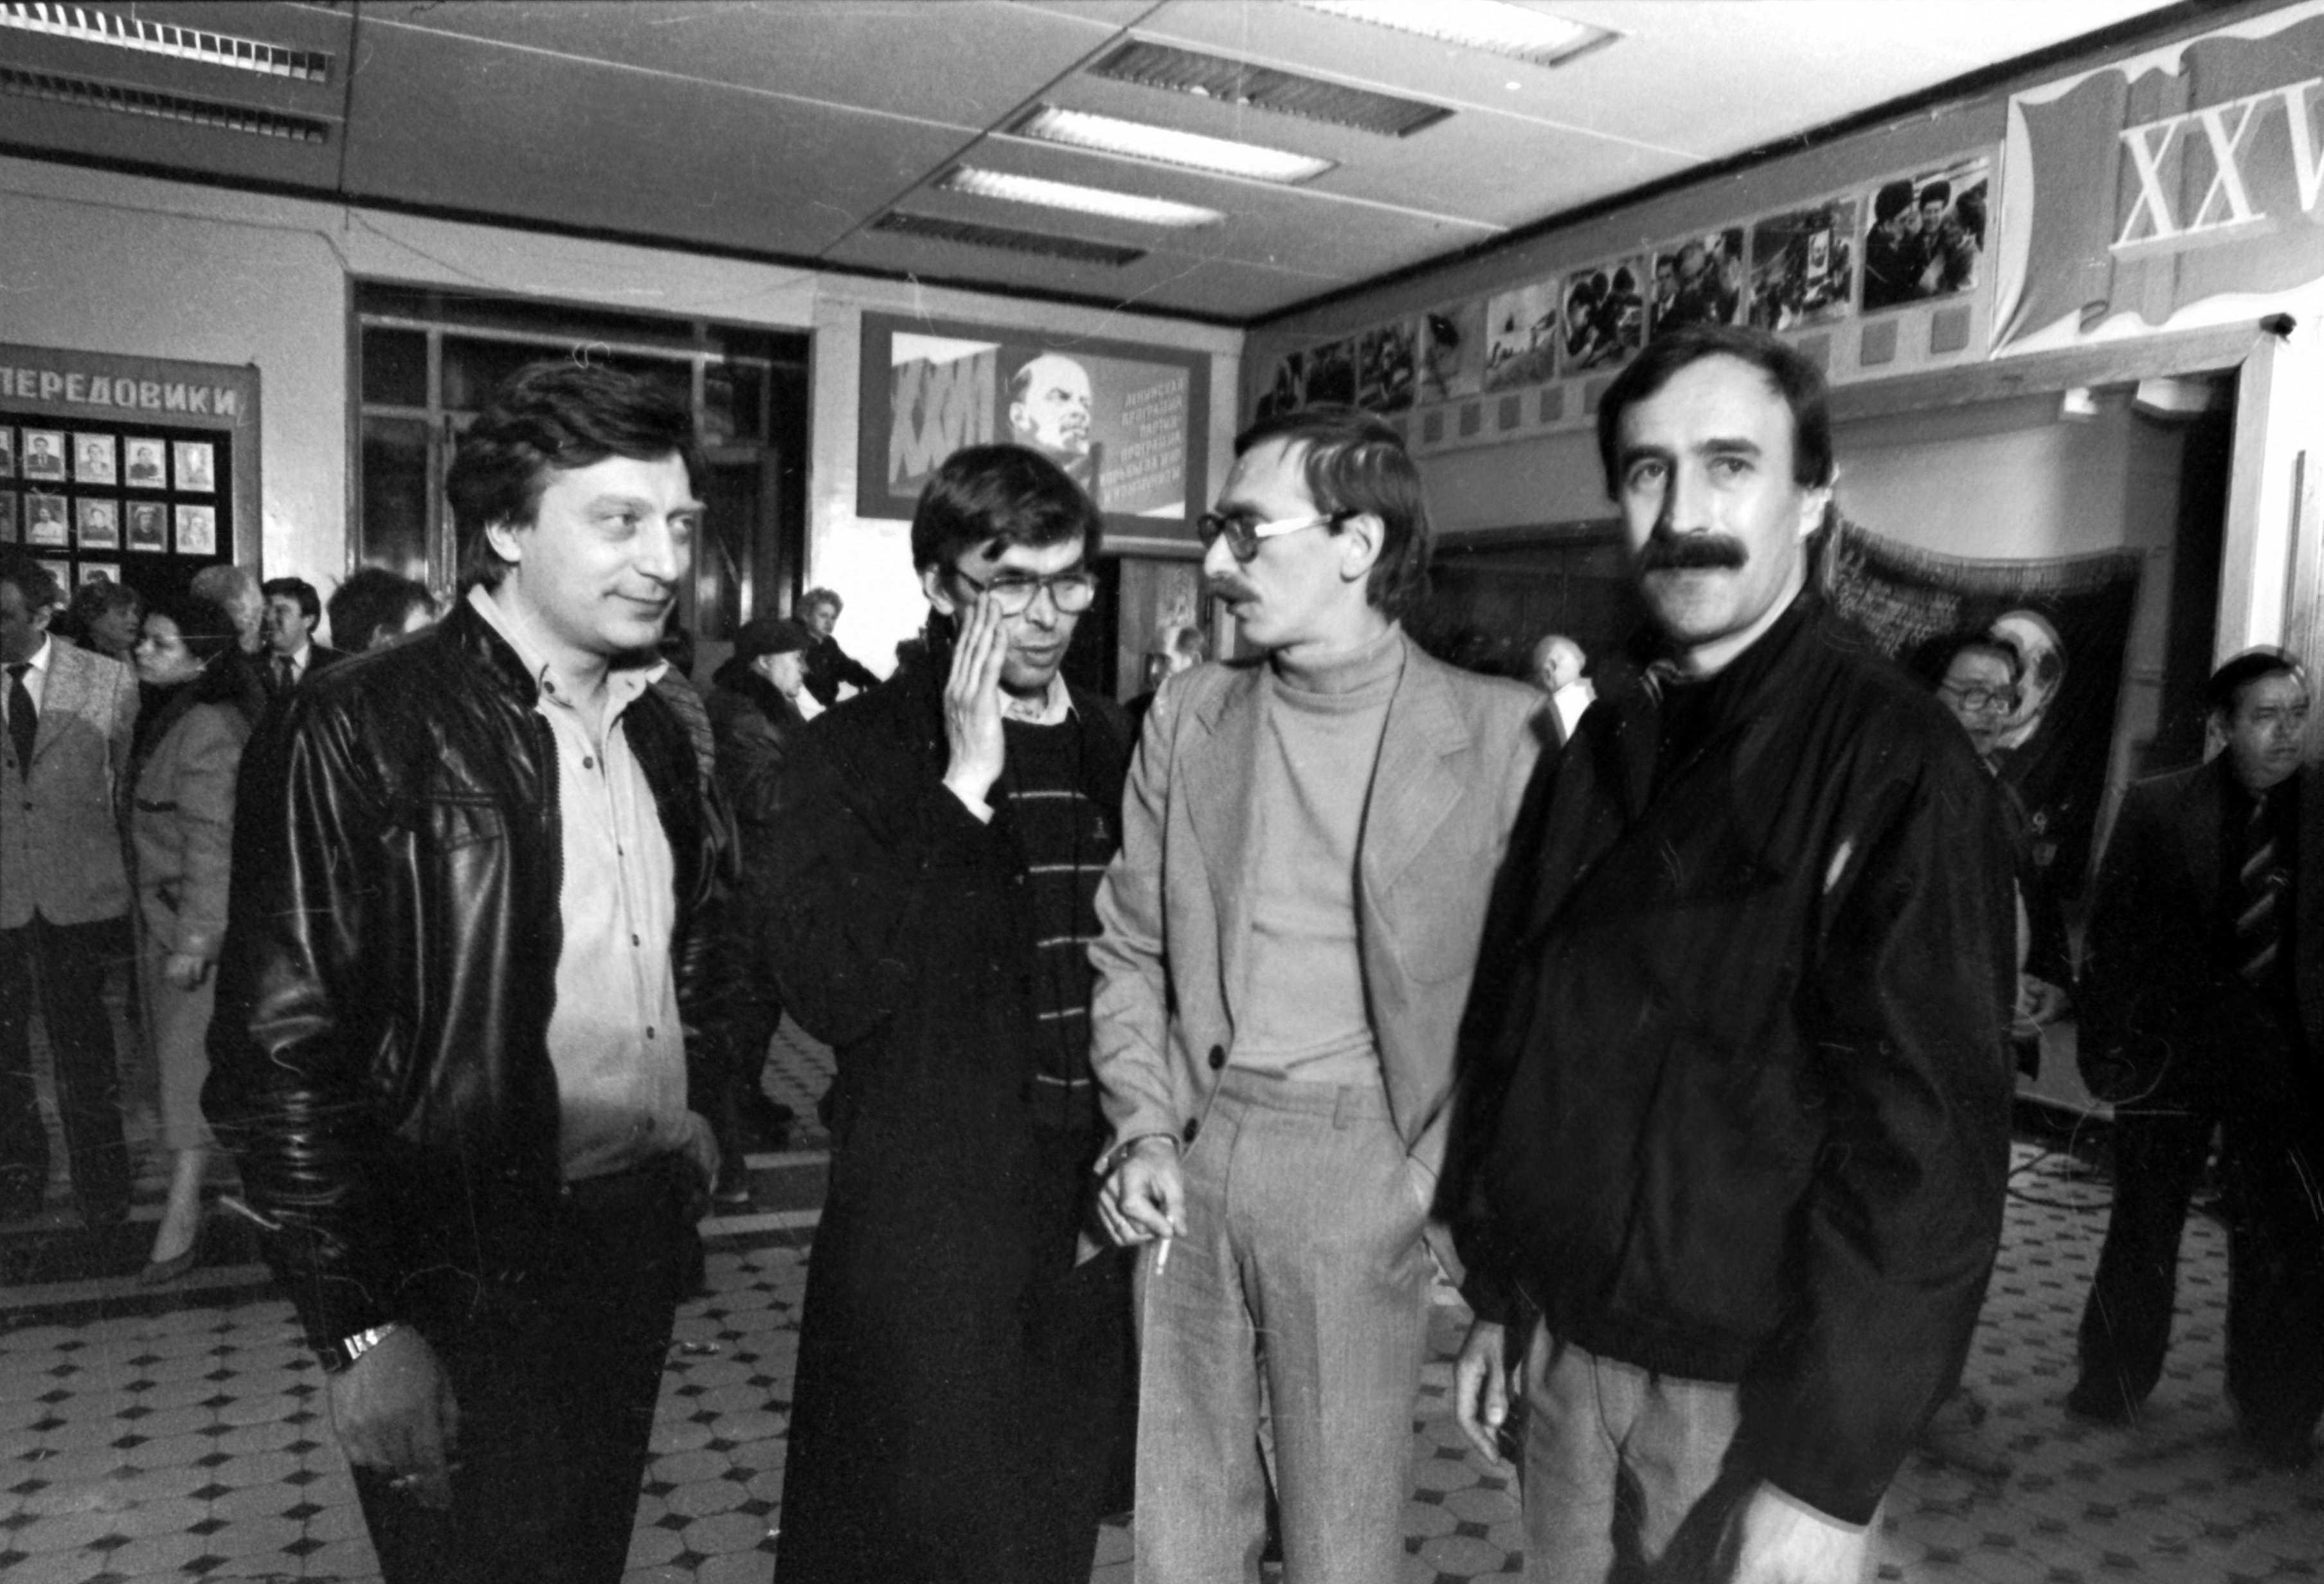 Экспонат #32. Первые демократические выборы директора ЦСДФ. 29 апреля 1987 года